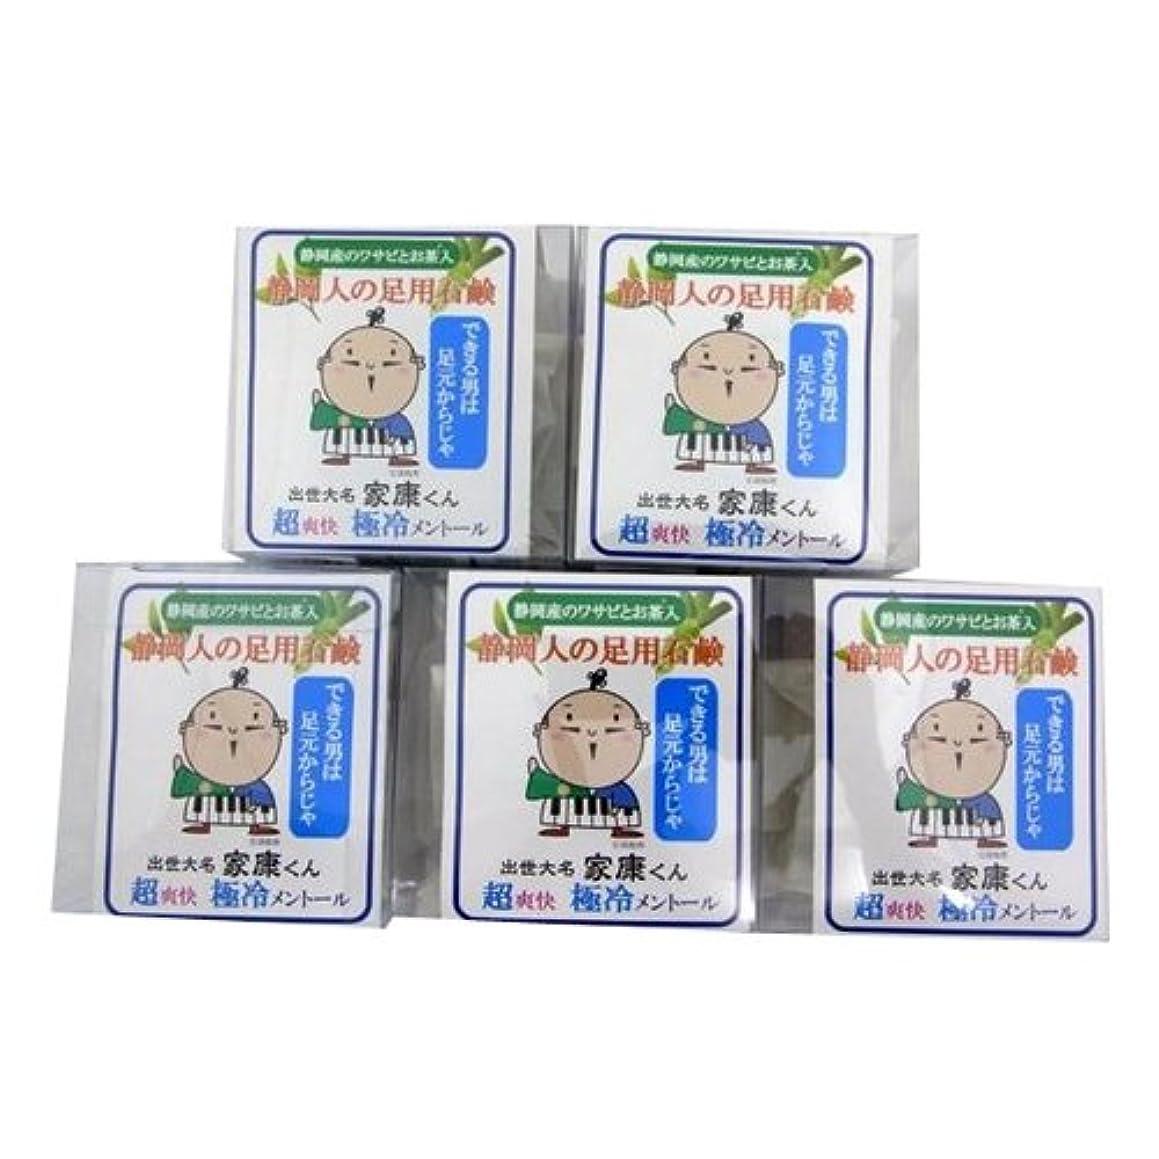 まつげ元に戻す難しいエコライフラボ 静岡人の足用石鹸60g (ネット付) 5個セット